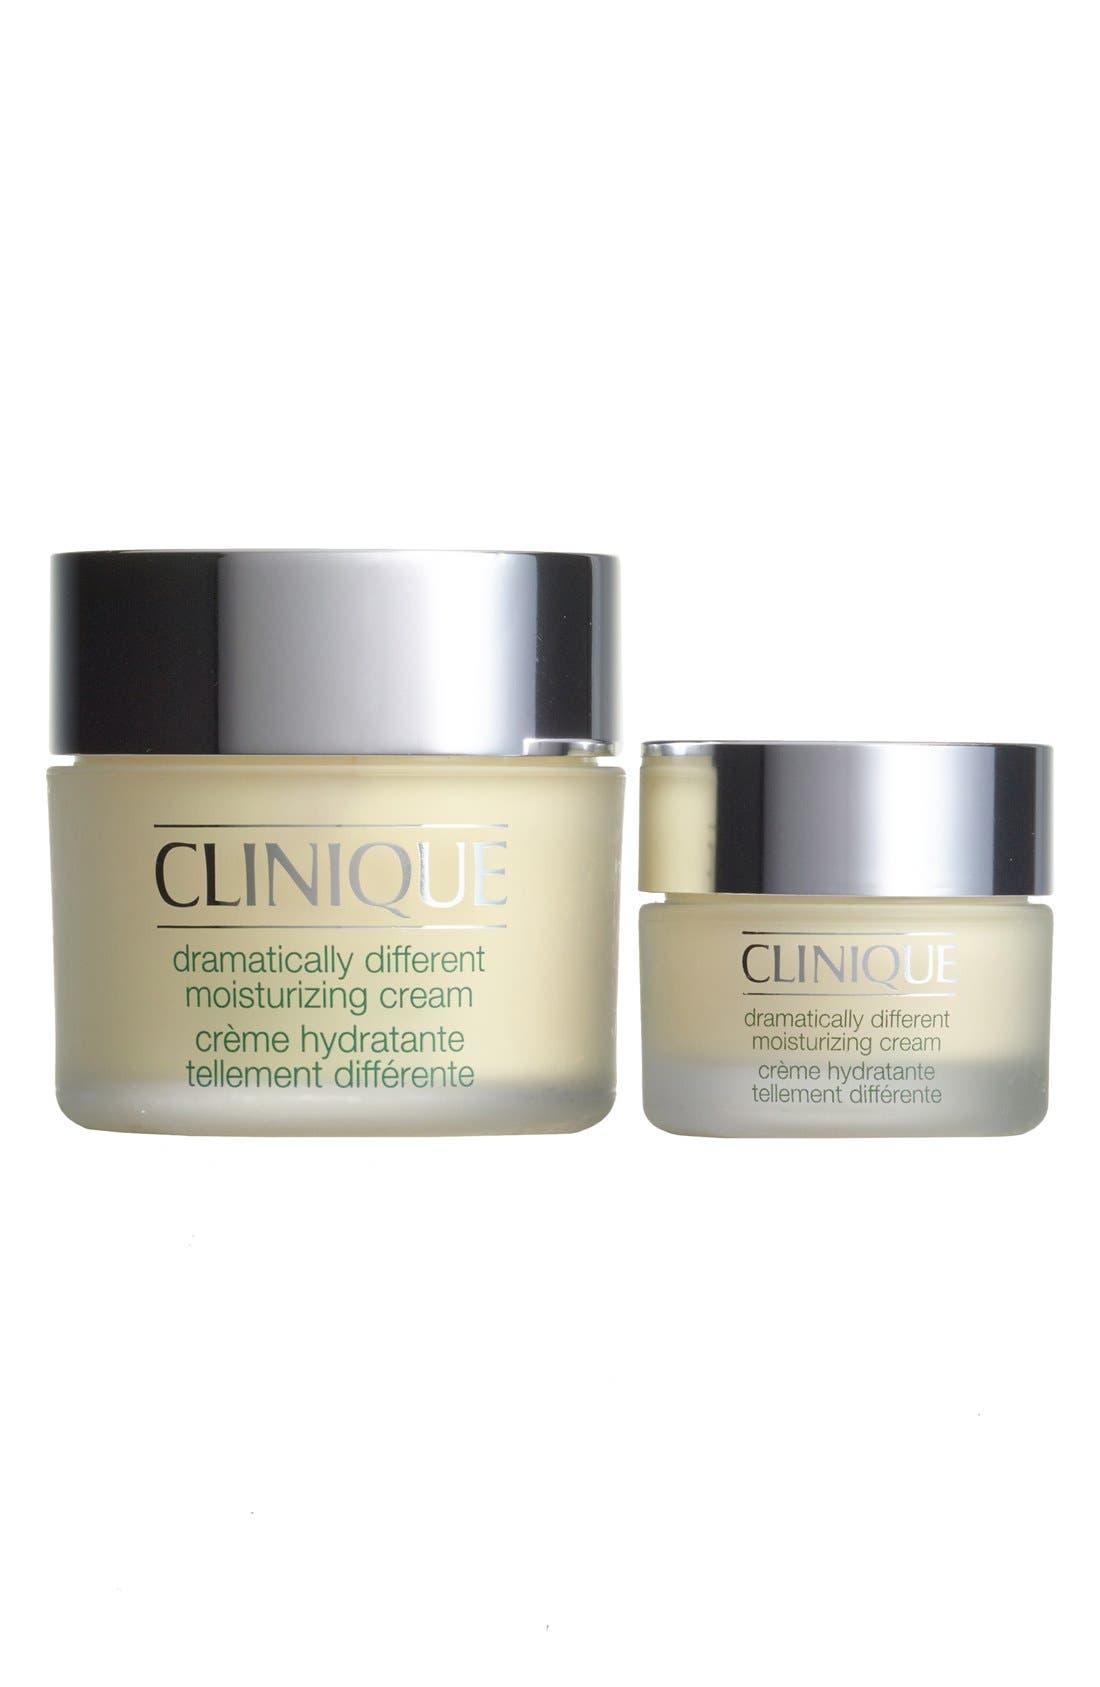 Clinique Big Genius Little Genius Dramatically Different Moisturizing Cream Duo ($61 Value)